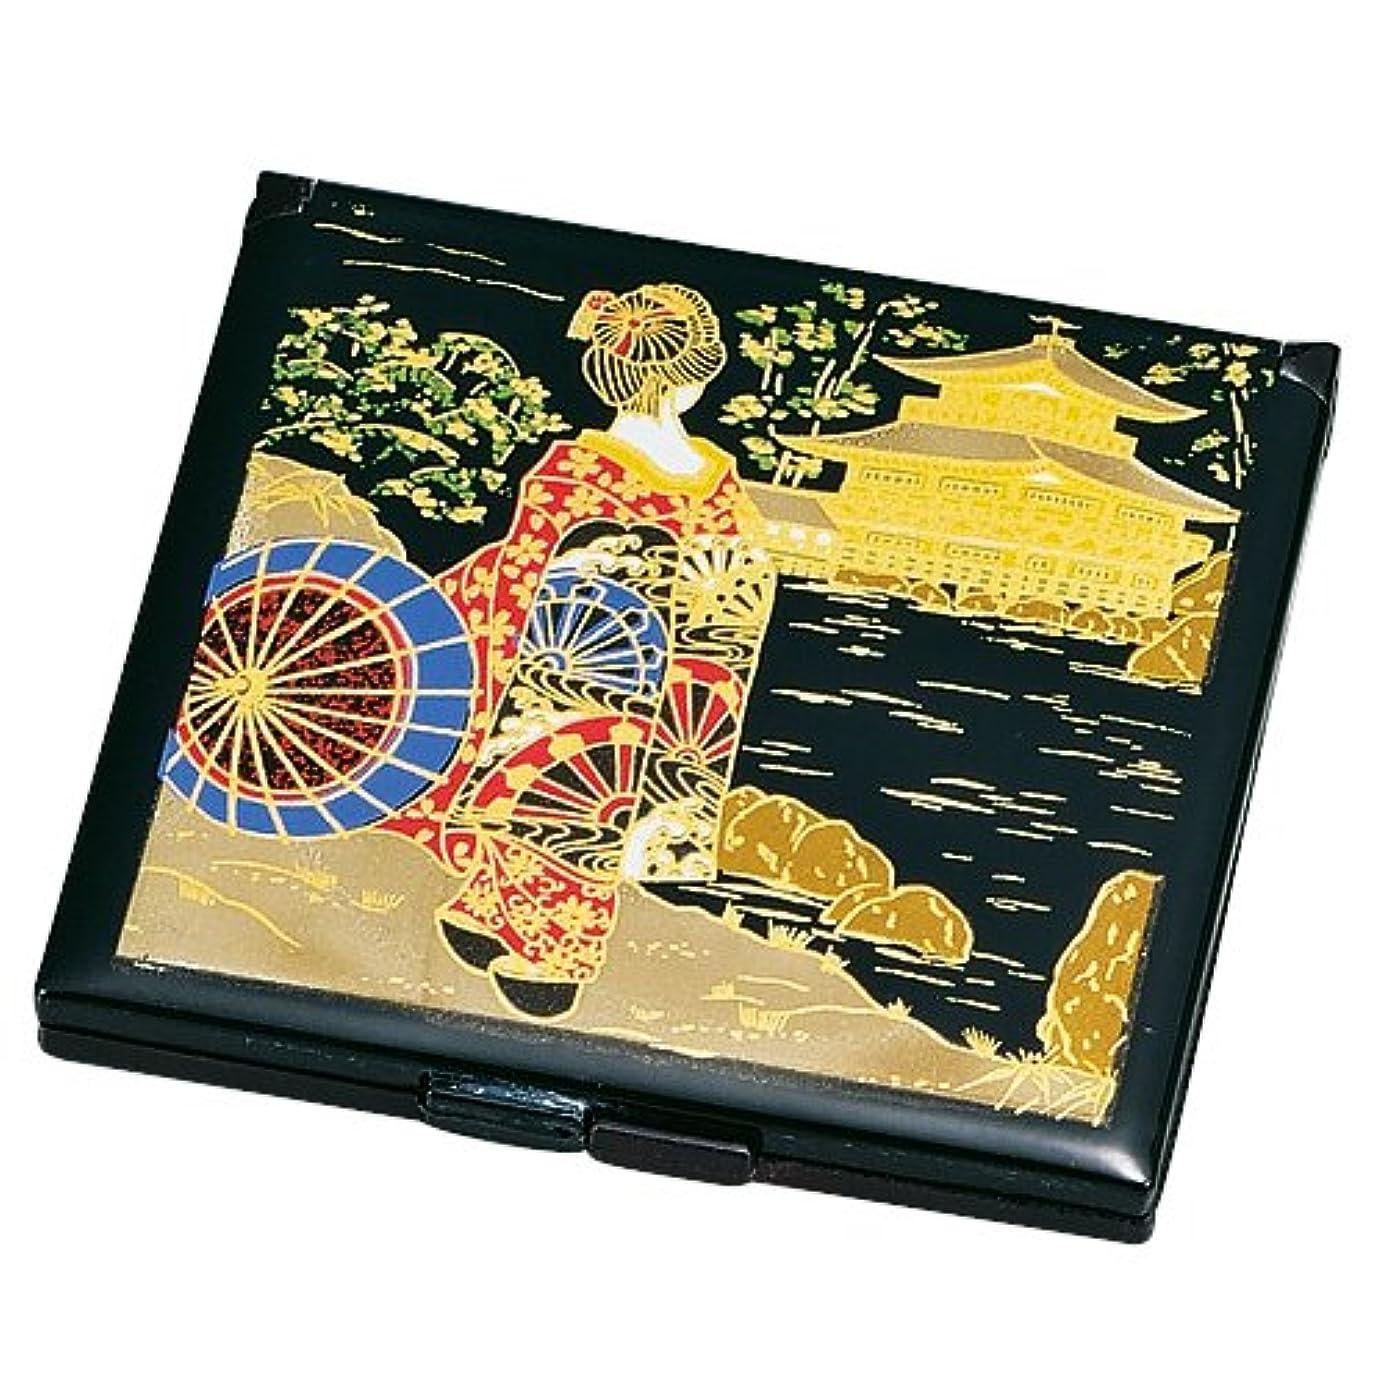 作者飢え癒す中谷兄弟商会 山中漆器 コンパクトミラー 黒 舞妓33-0207